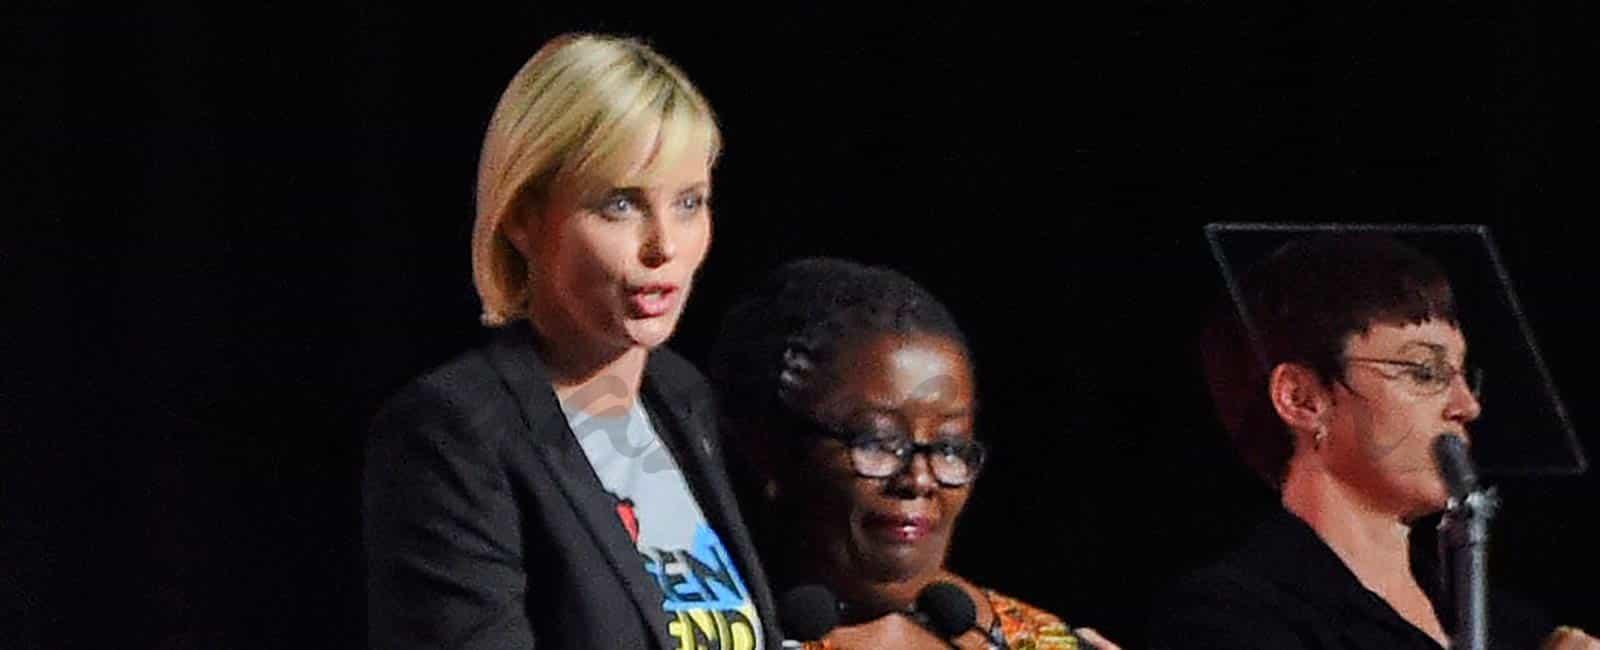 Charlize Theron y su lucha contra el VIH